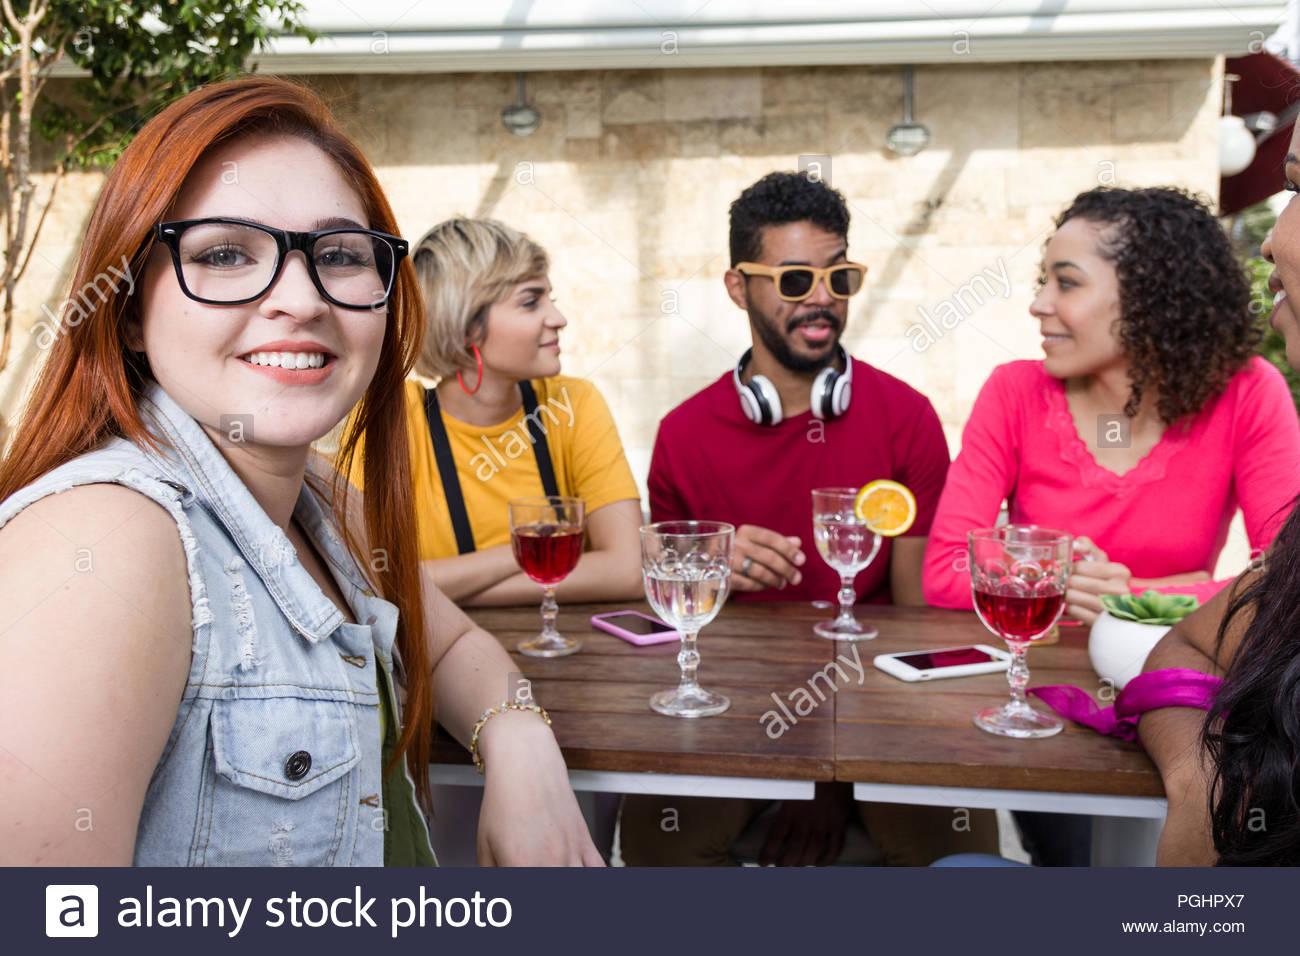 Felices los millennials amigos aclamaciones y bebiendo juntos en la cafetería al aire libre. Raza mixta grupo de amigos divirtiéndose en el restaurante exterior. Primavera, wa Imagen De Stock